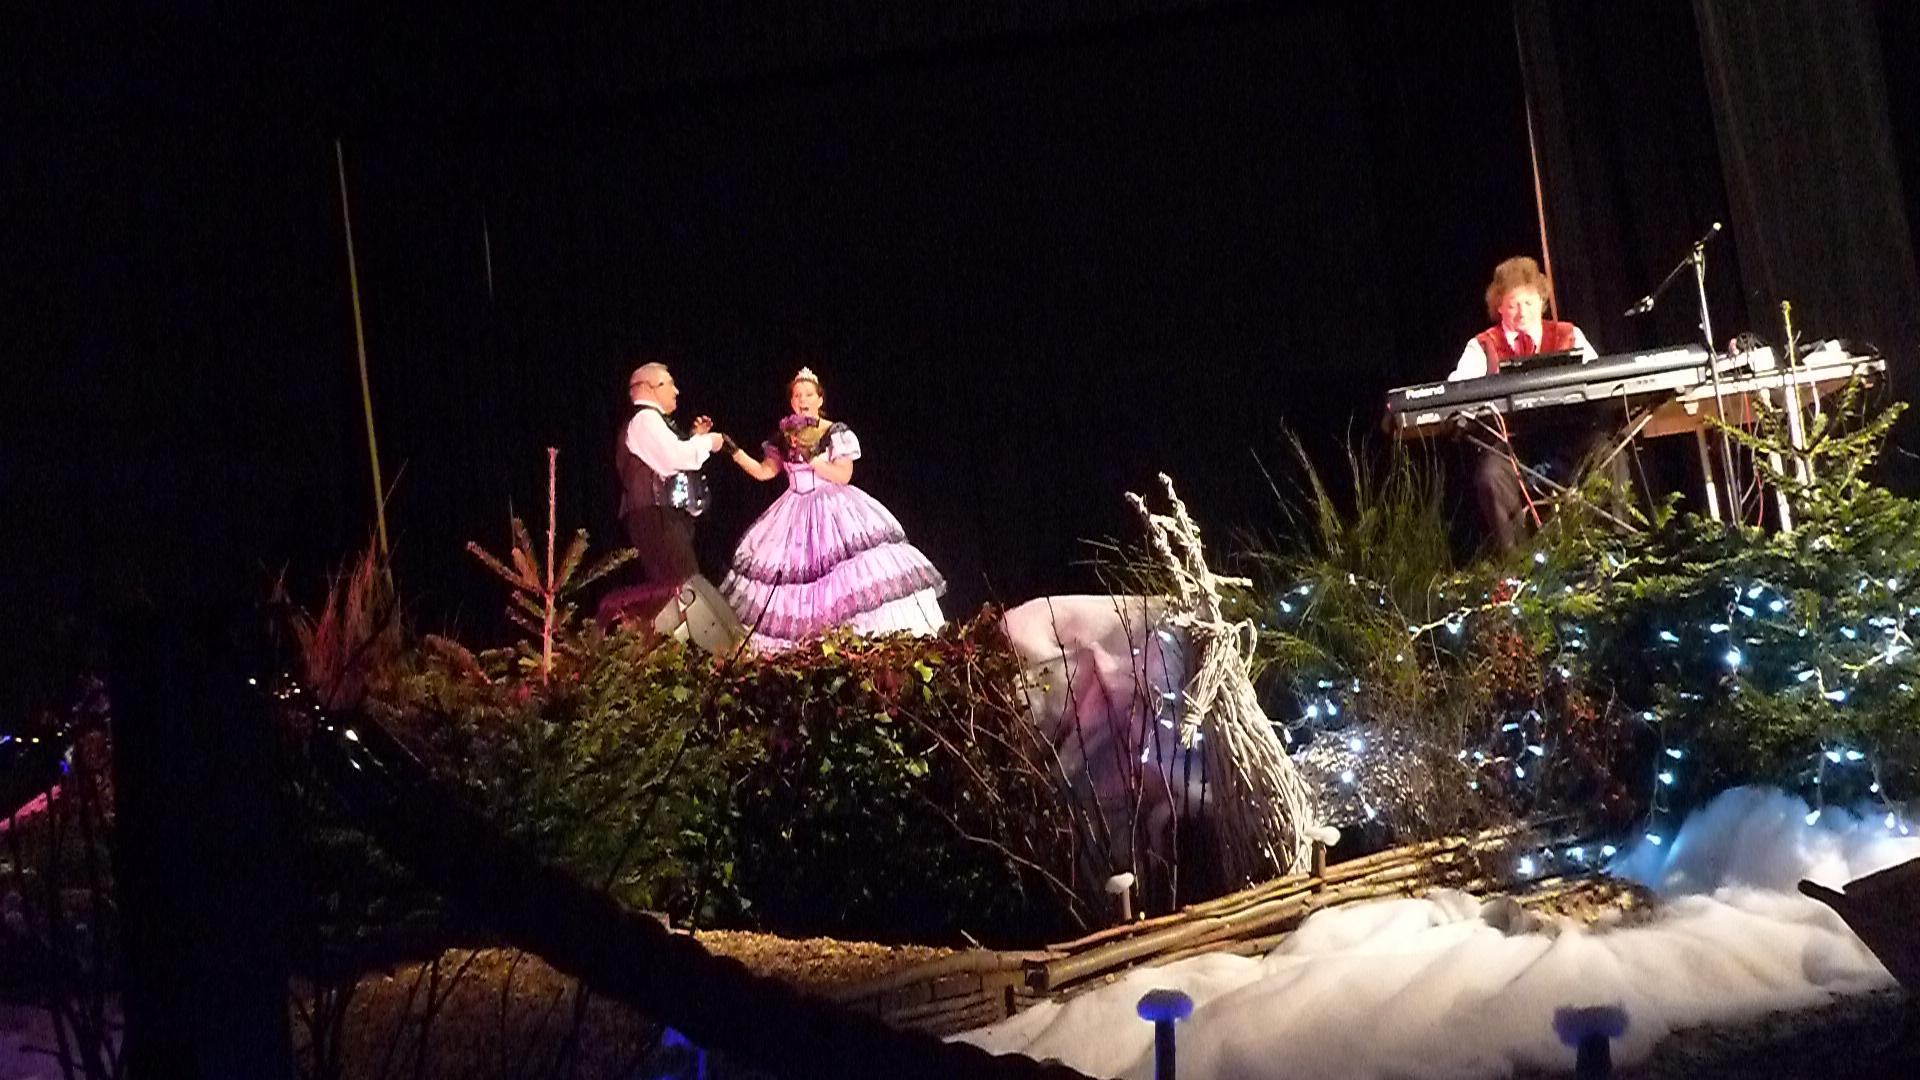 1 Opérettes et variété à Châteauneuf sur Loire 45 le 7 décembre 2014 avec orchestre de variété